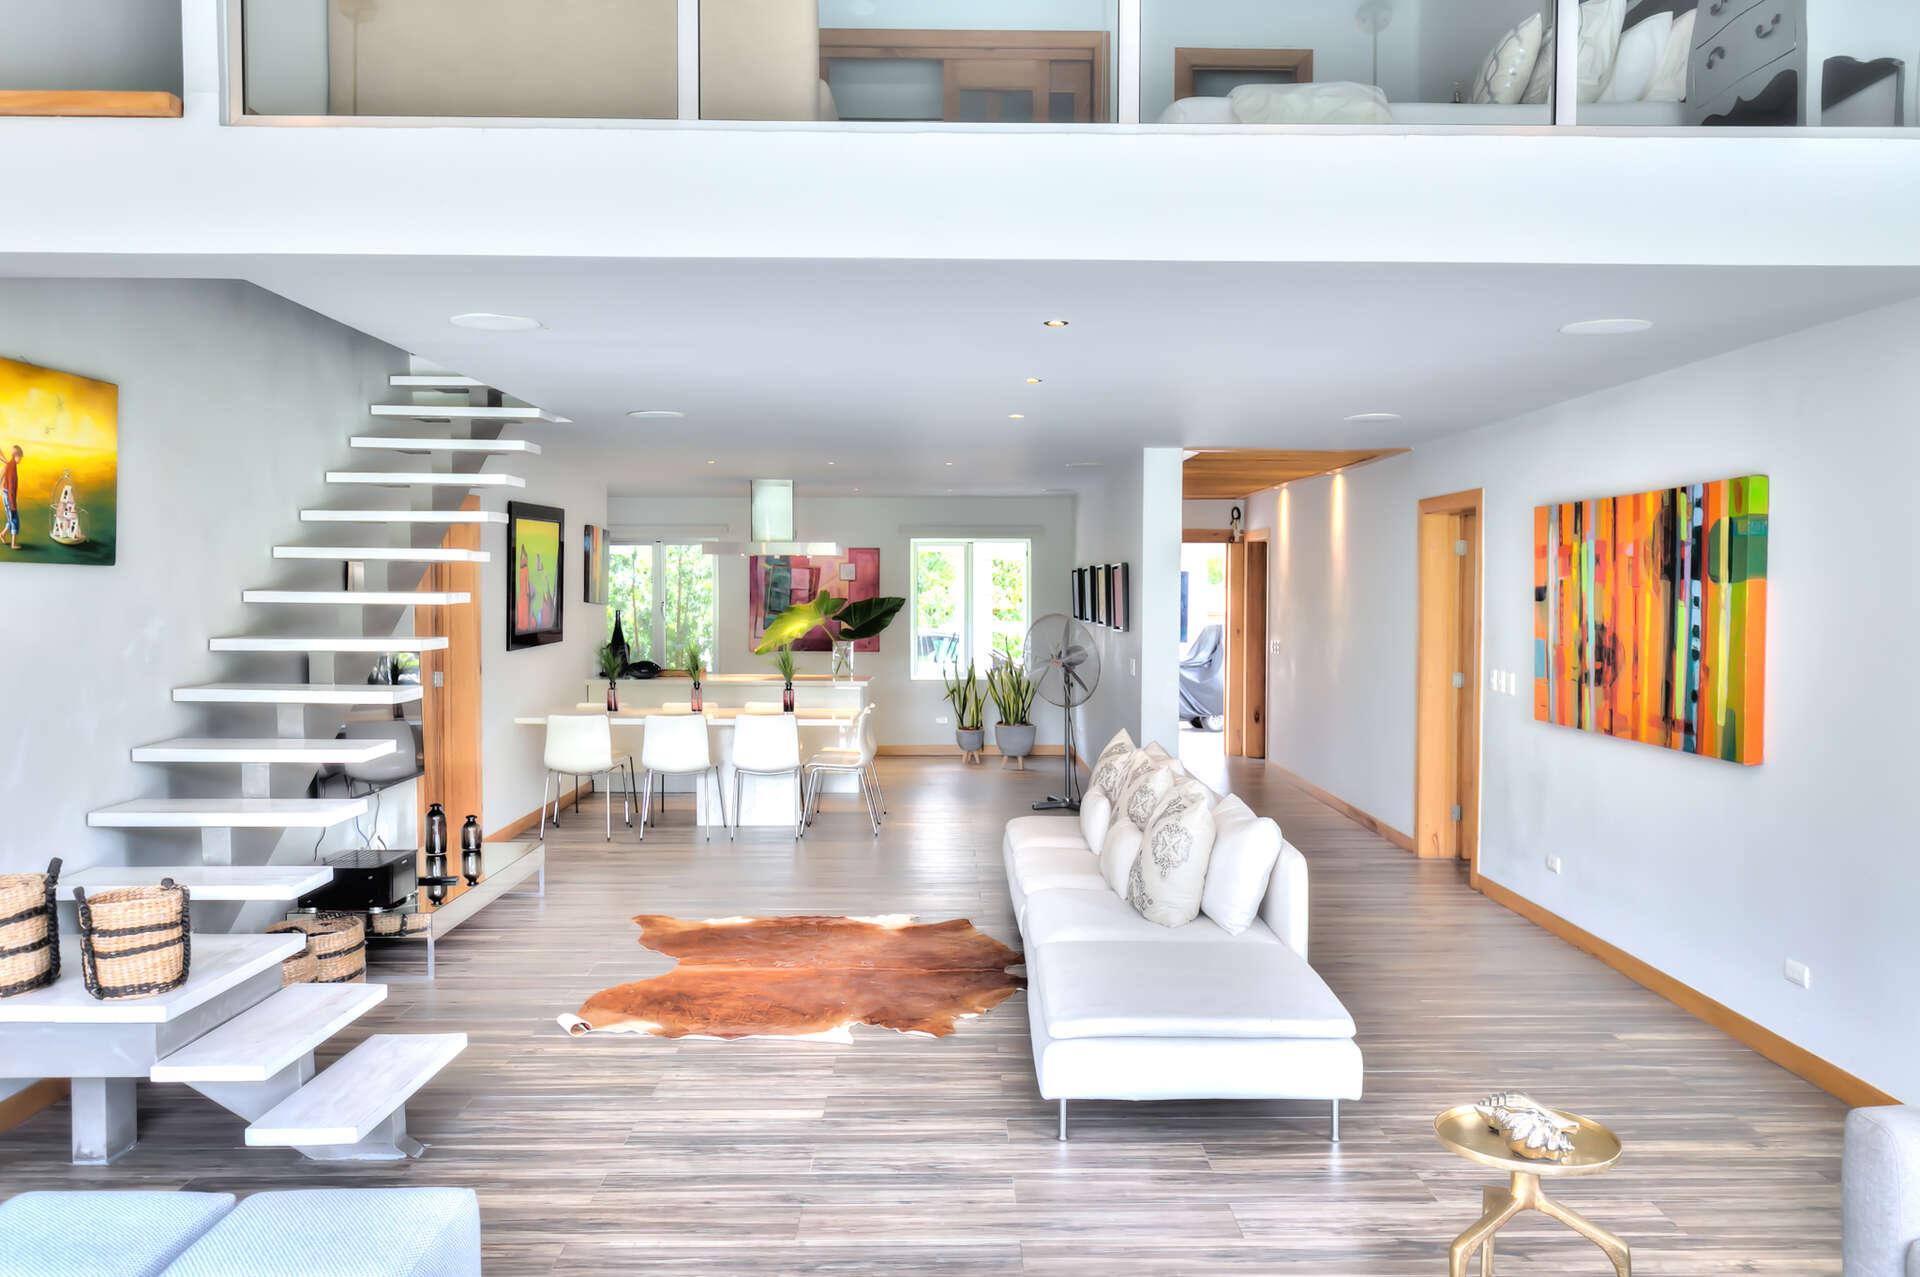 Luxury villa rentals caribbean - Dominican republic - Casa decampo - No location 4 - Viveros 18 - Image 1/17